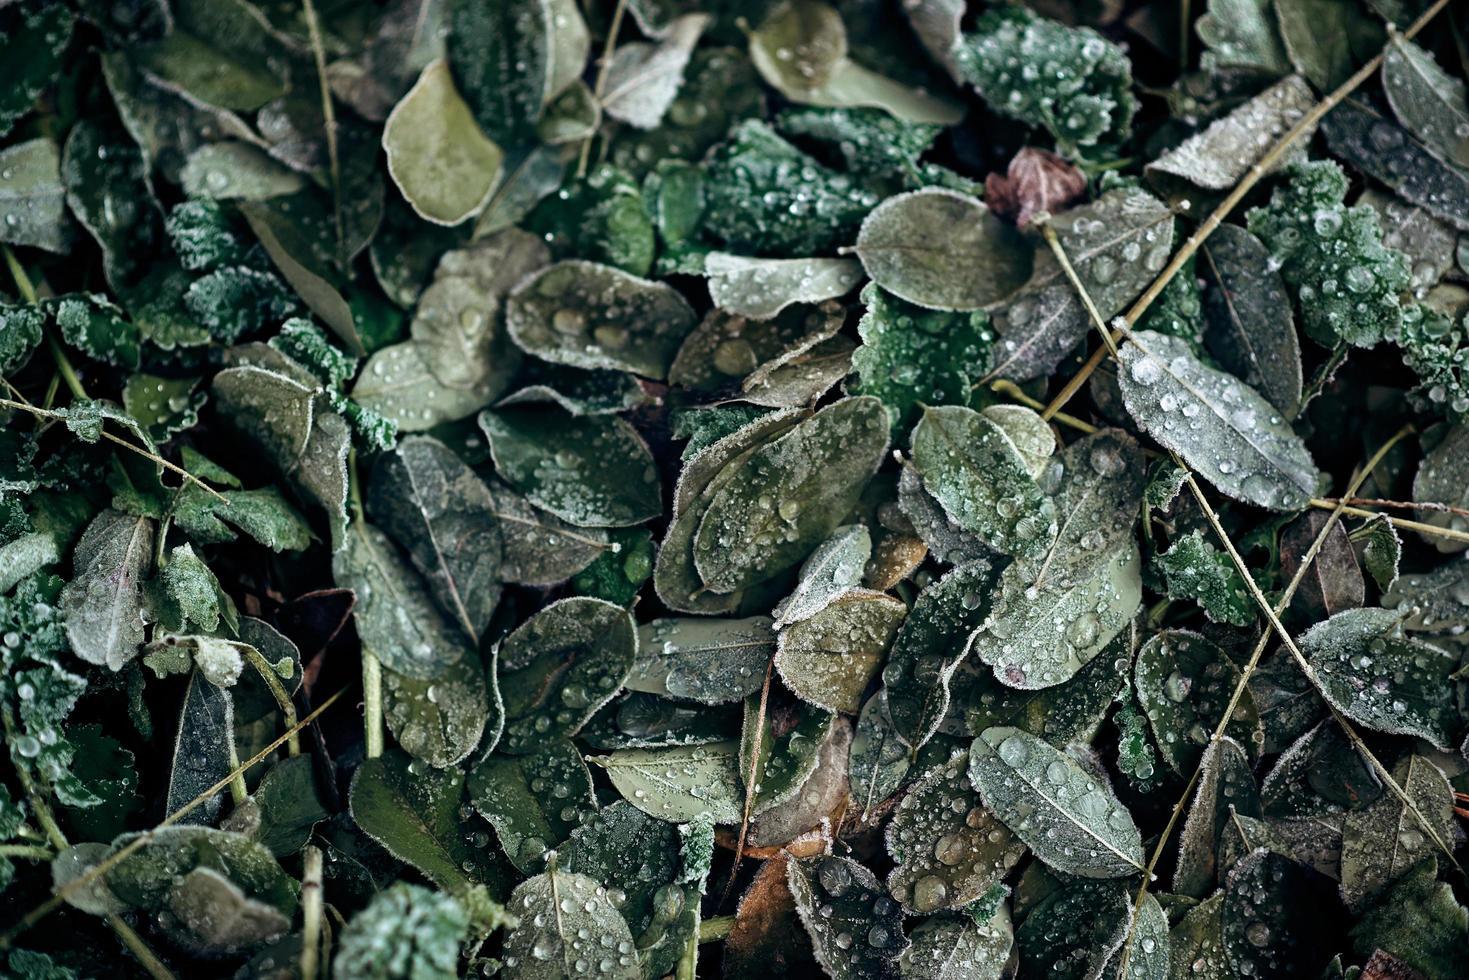 la texture des feuilles d'acacia congelées. abstrait naturel. mise au point douce. photo